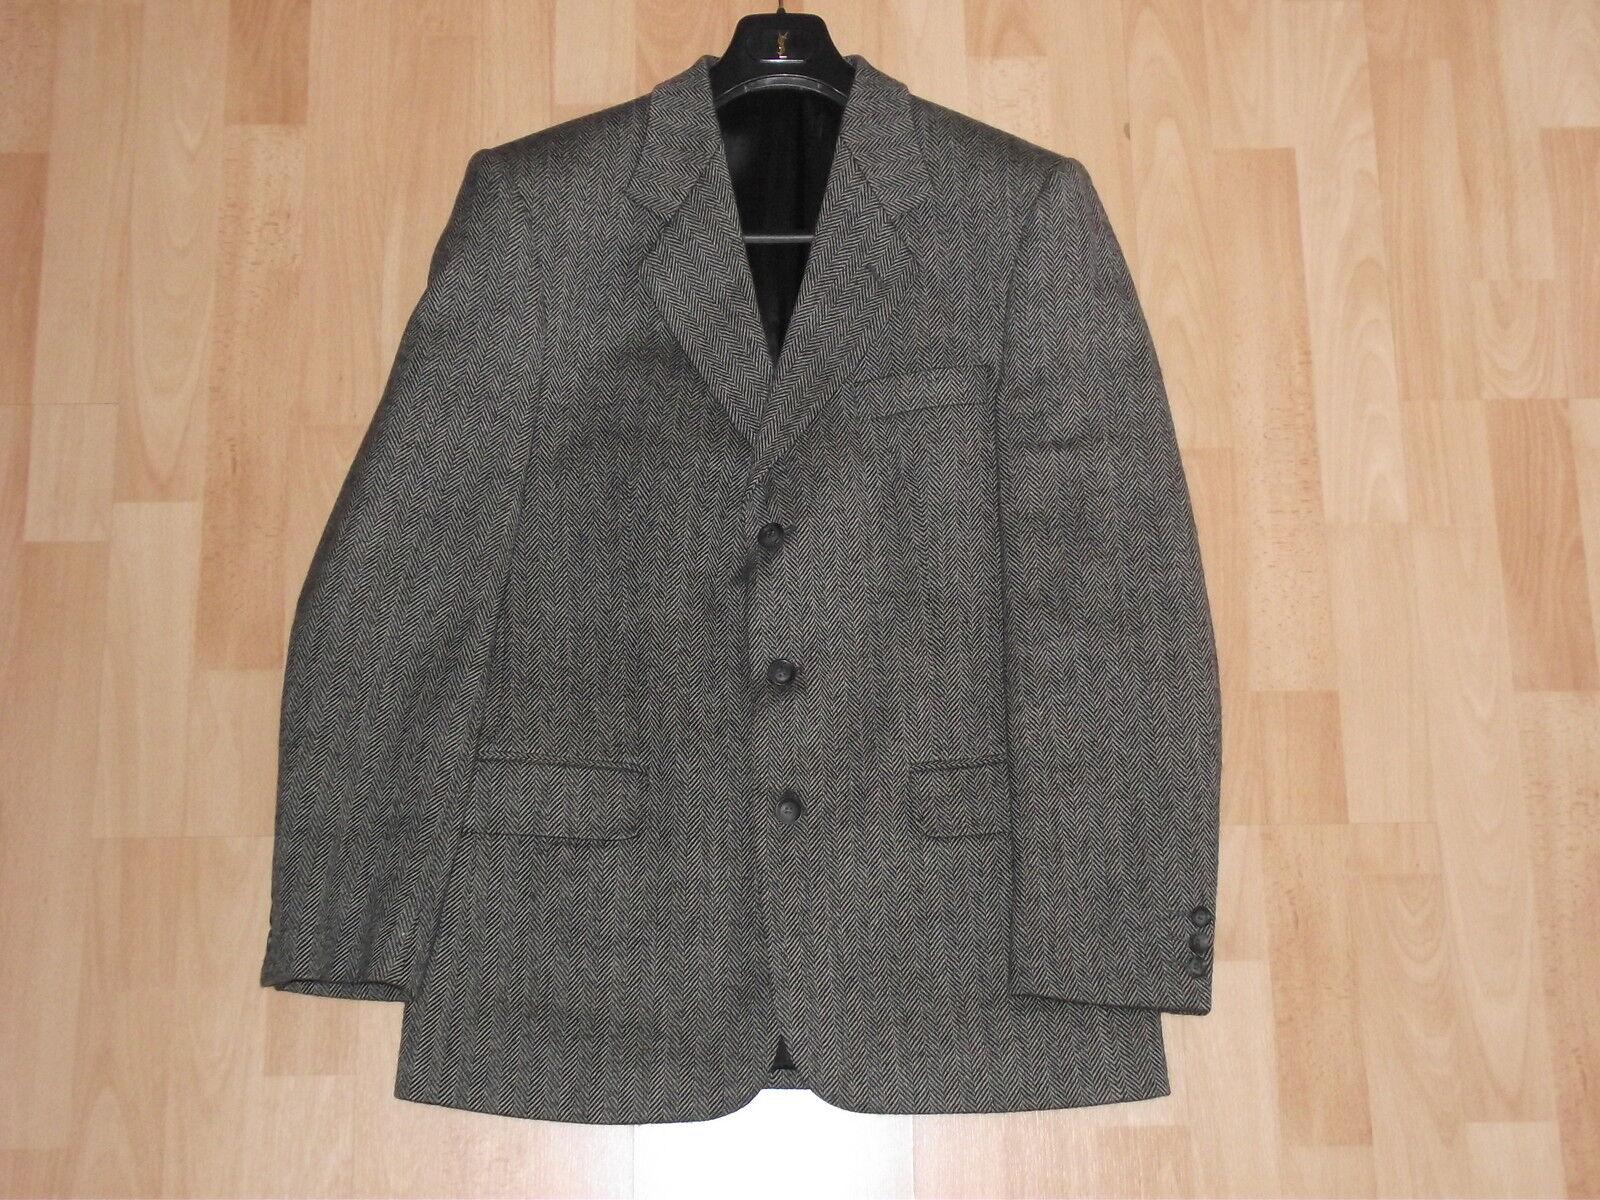 Wool Blazer, Grau, 42 inch chest